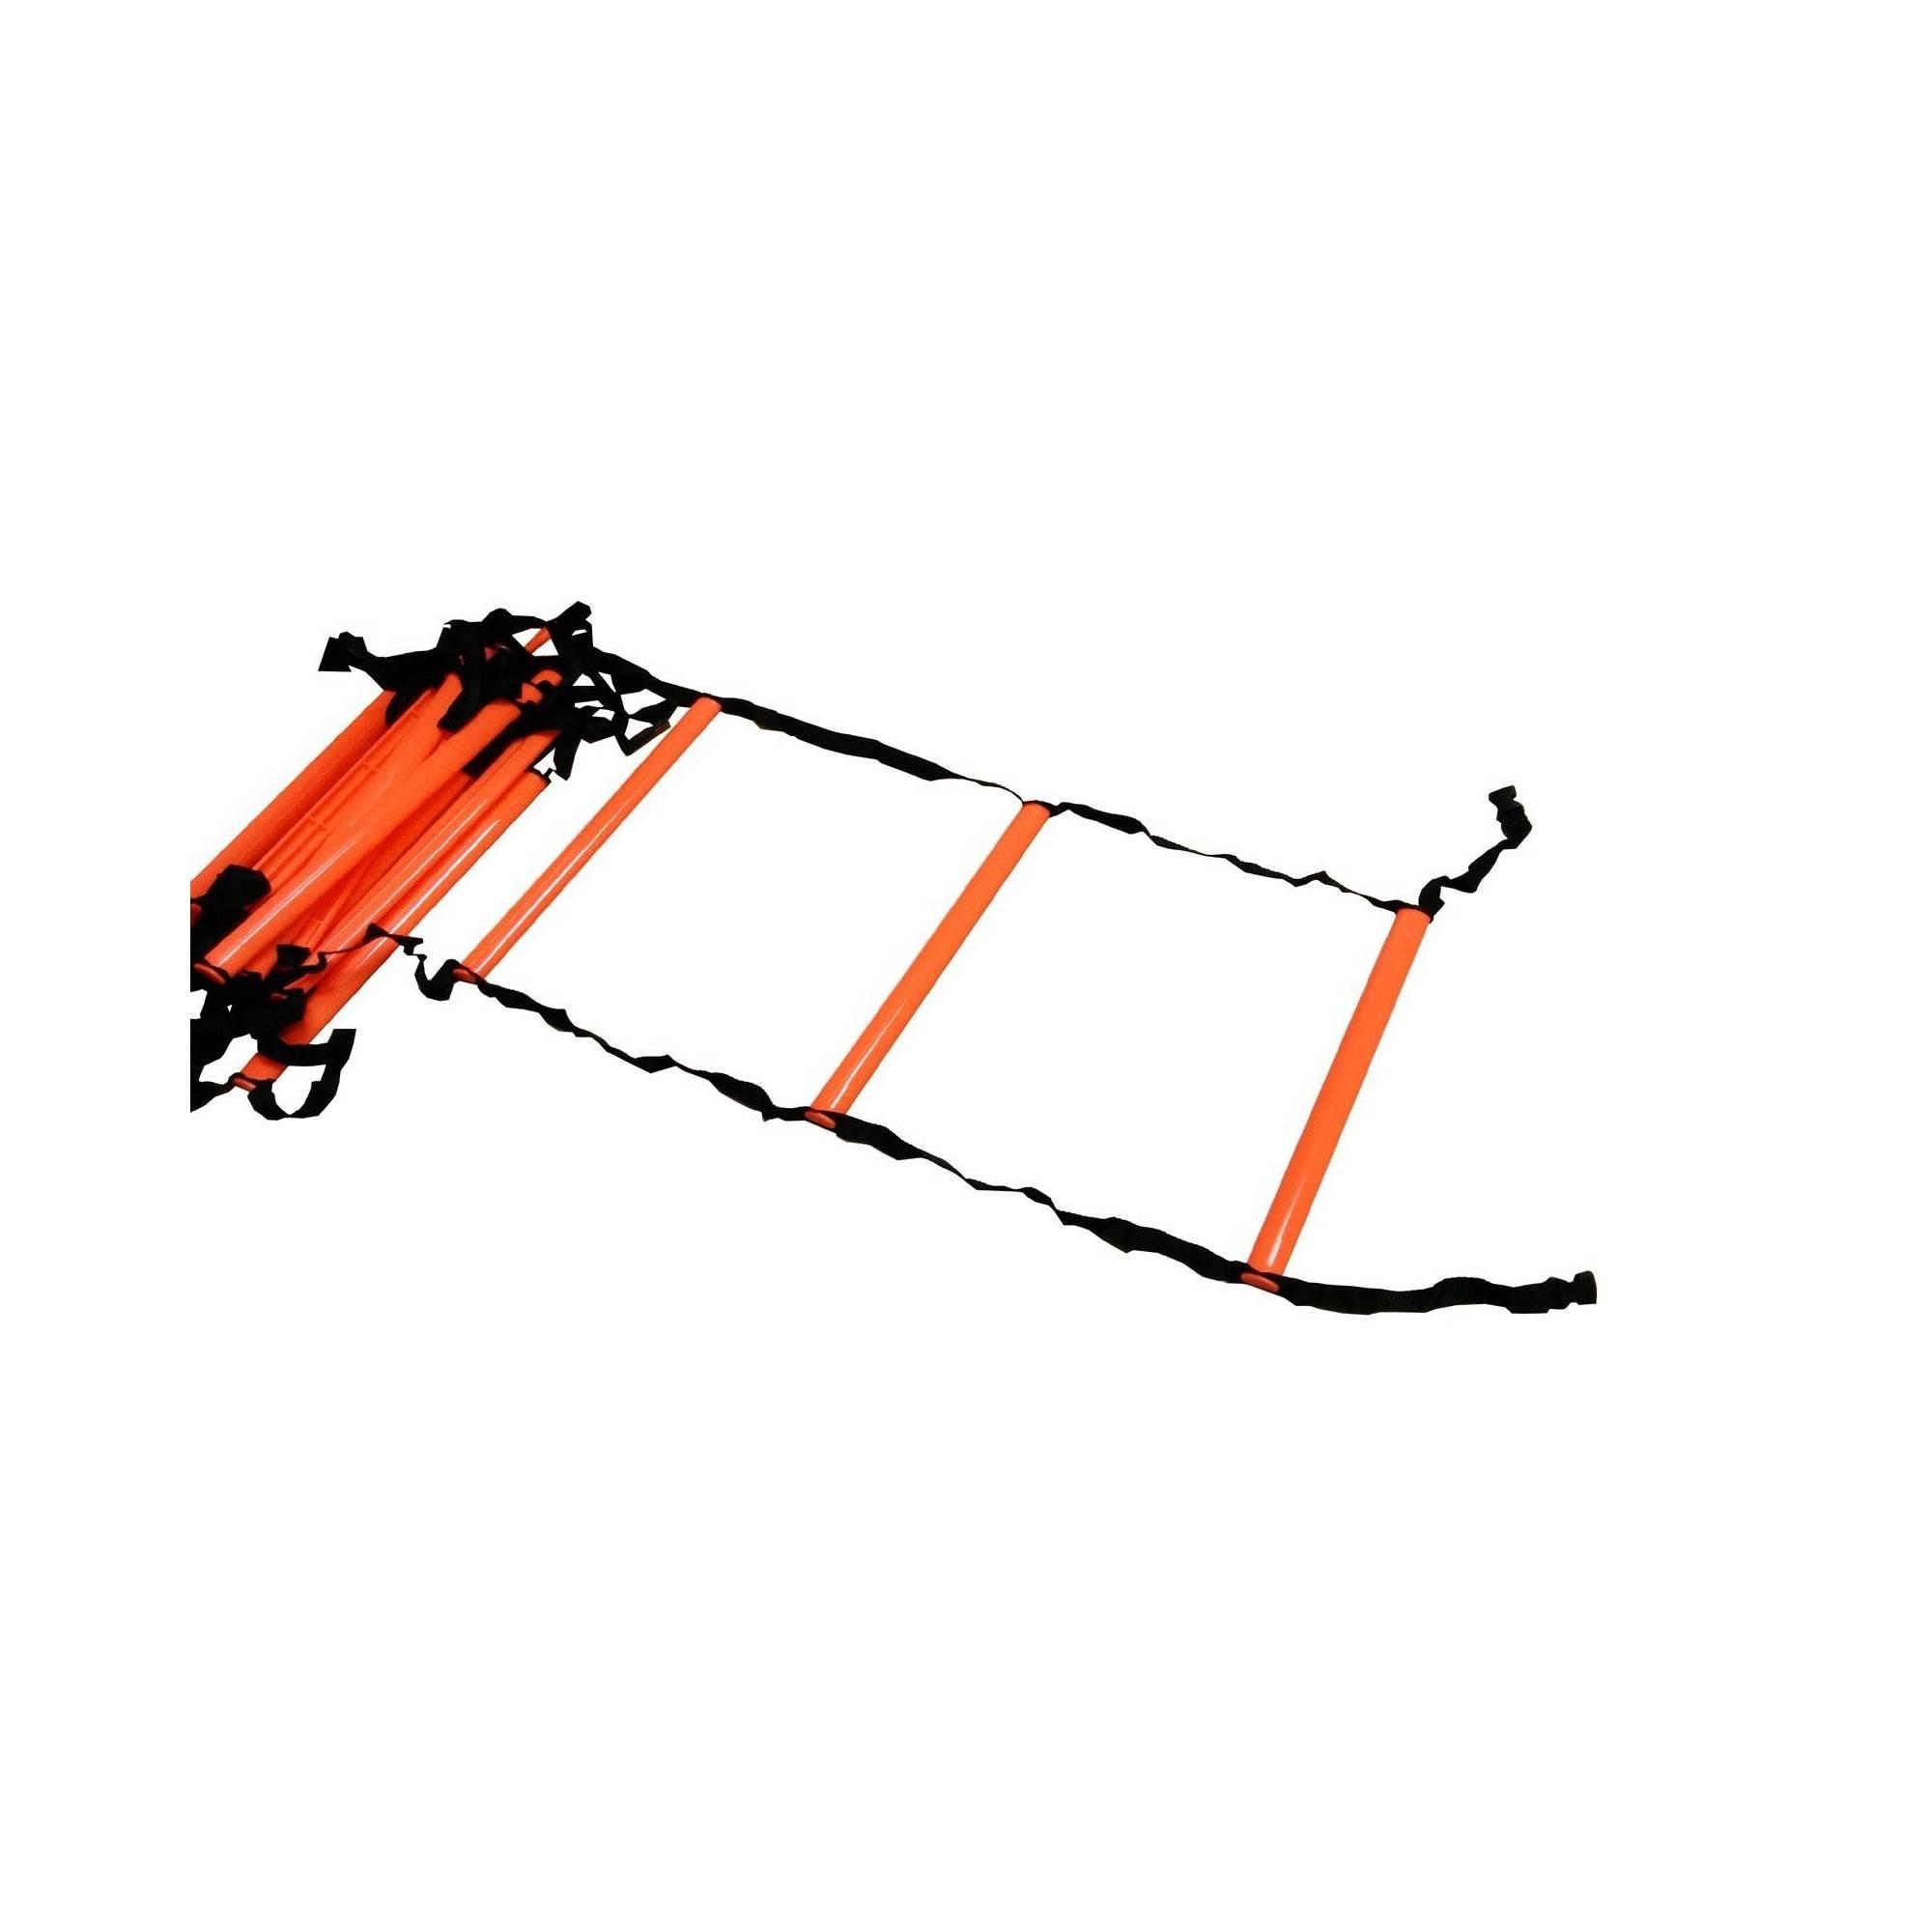 Drabinka sprawnościowa 650 / 42 cm SPARTAN SPORT materiałowa,producent: SPARTAN SPORT, zdjecie photo: 1 | online shop klubfitnes